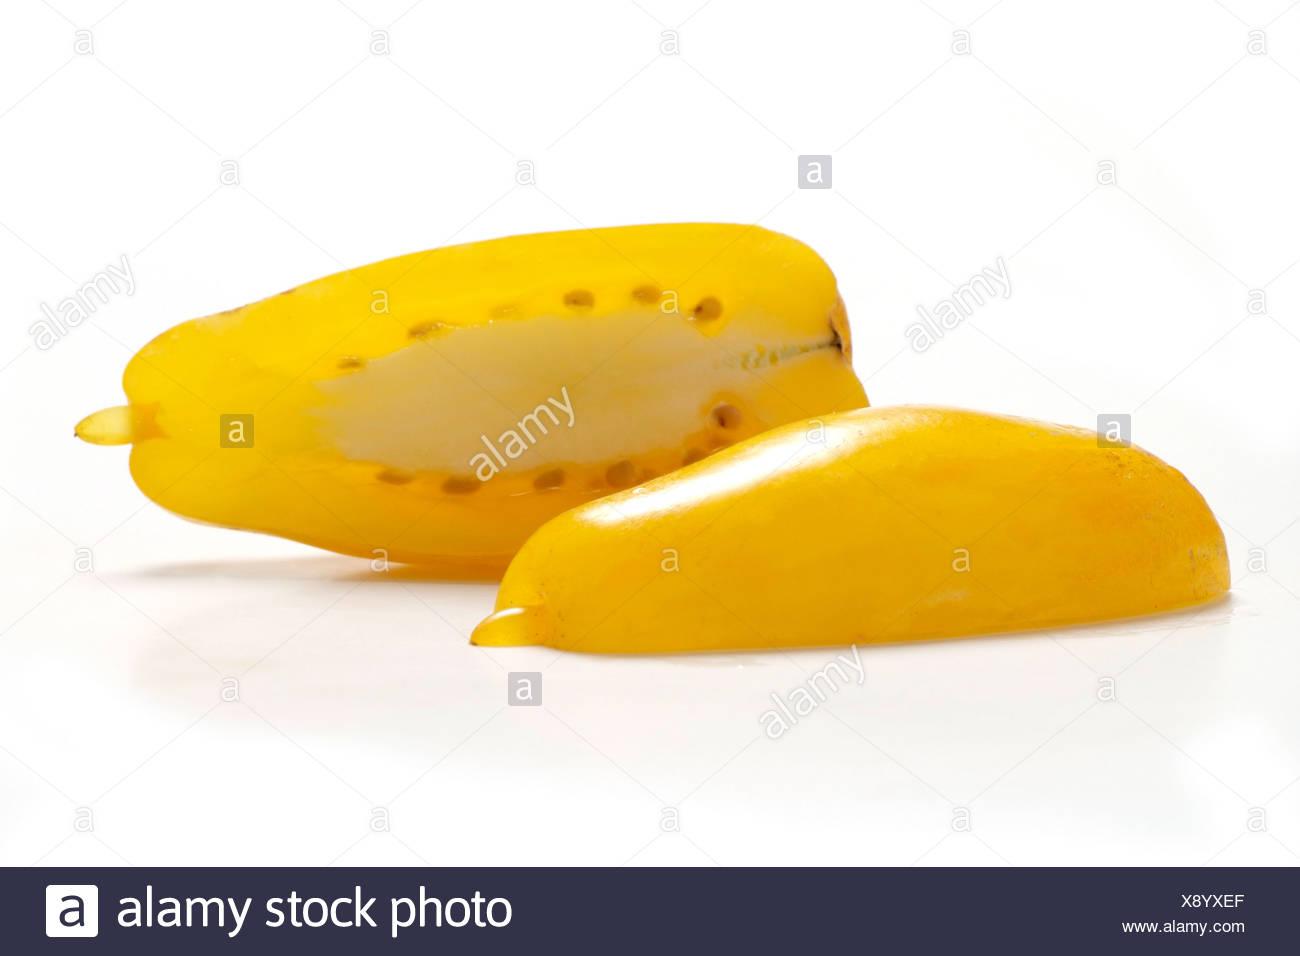 Tomato varieties: yellow  Banana Legs - Stock Image